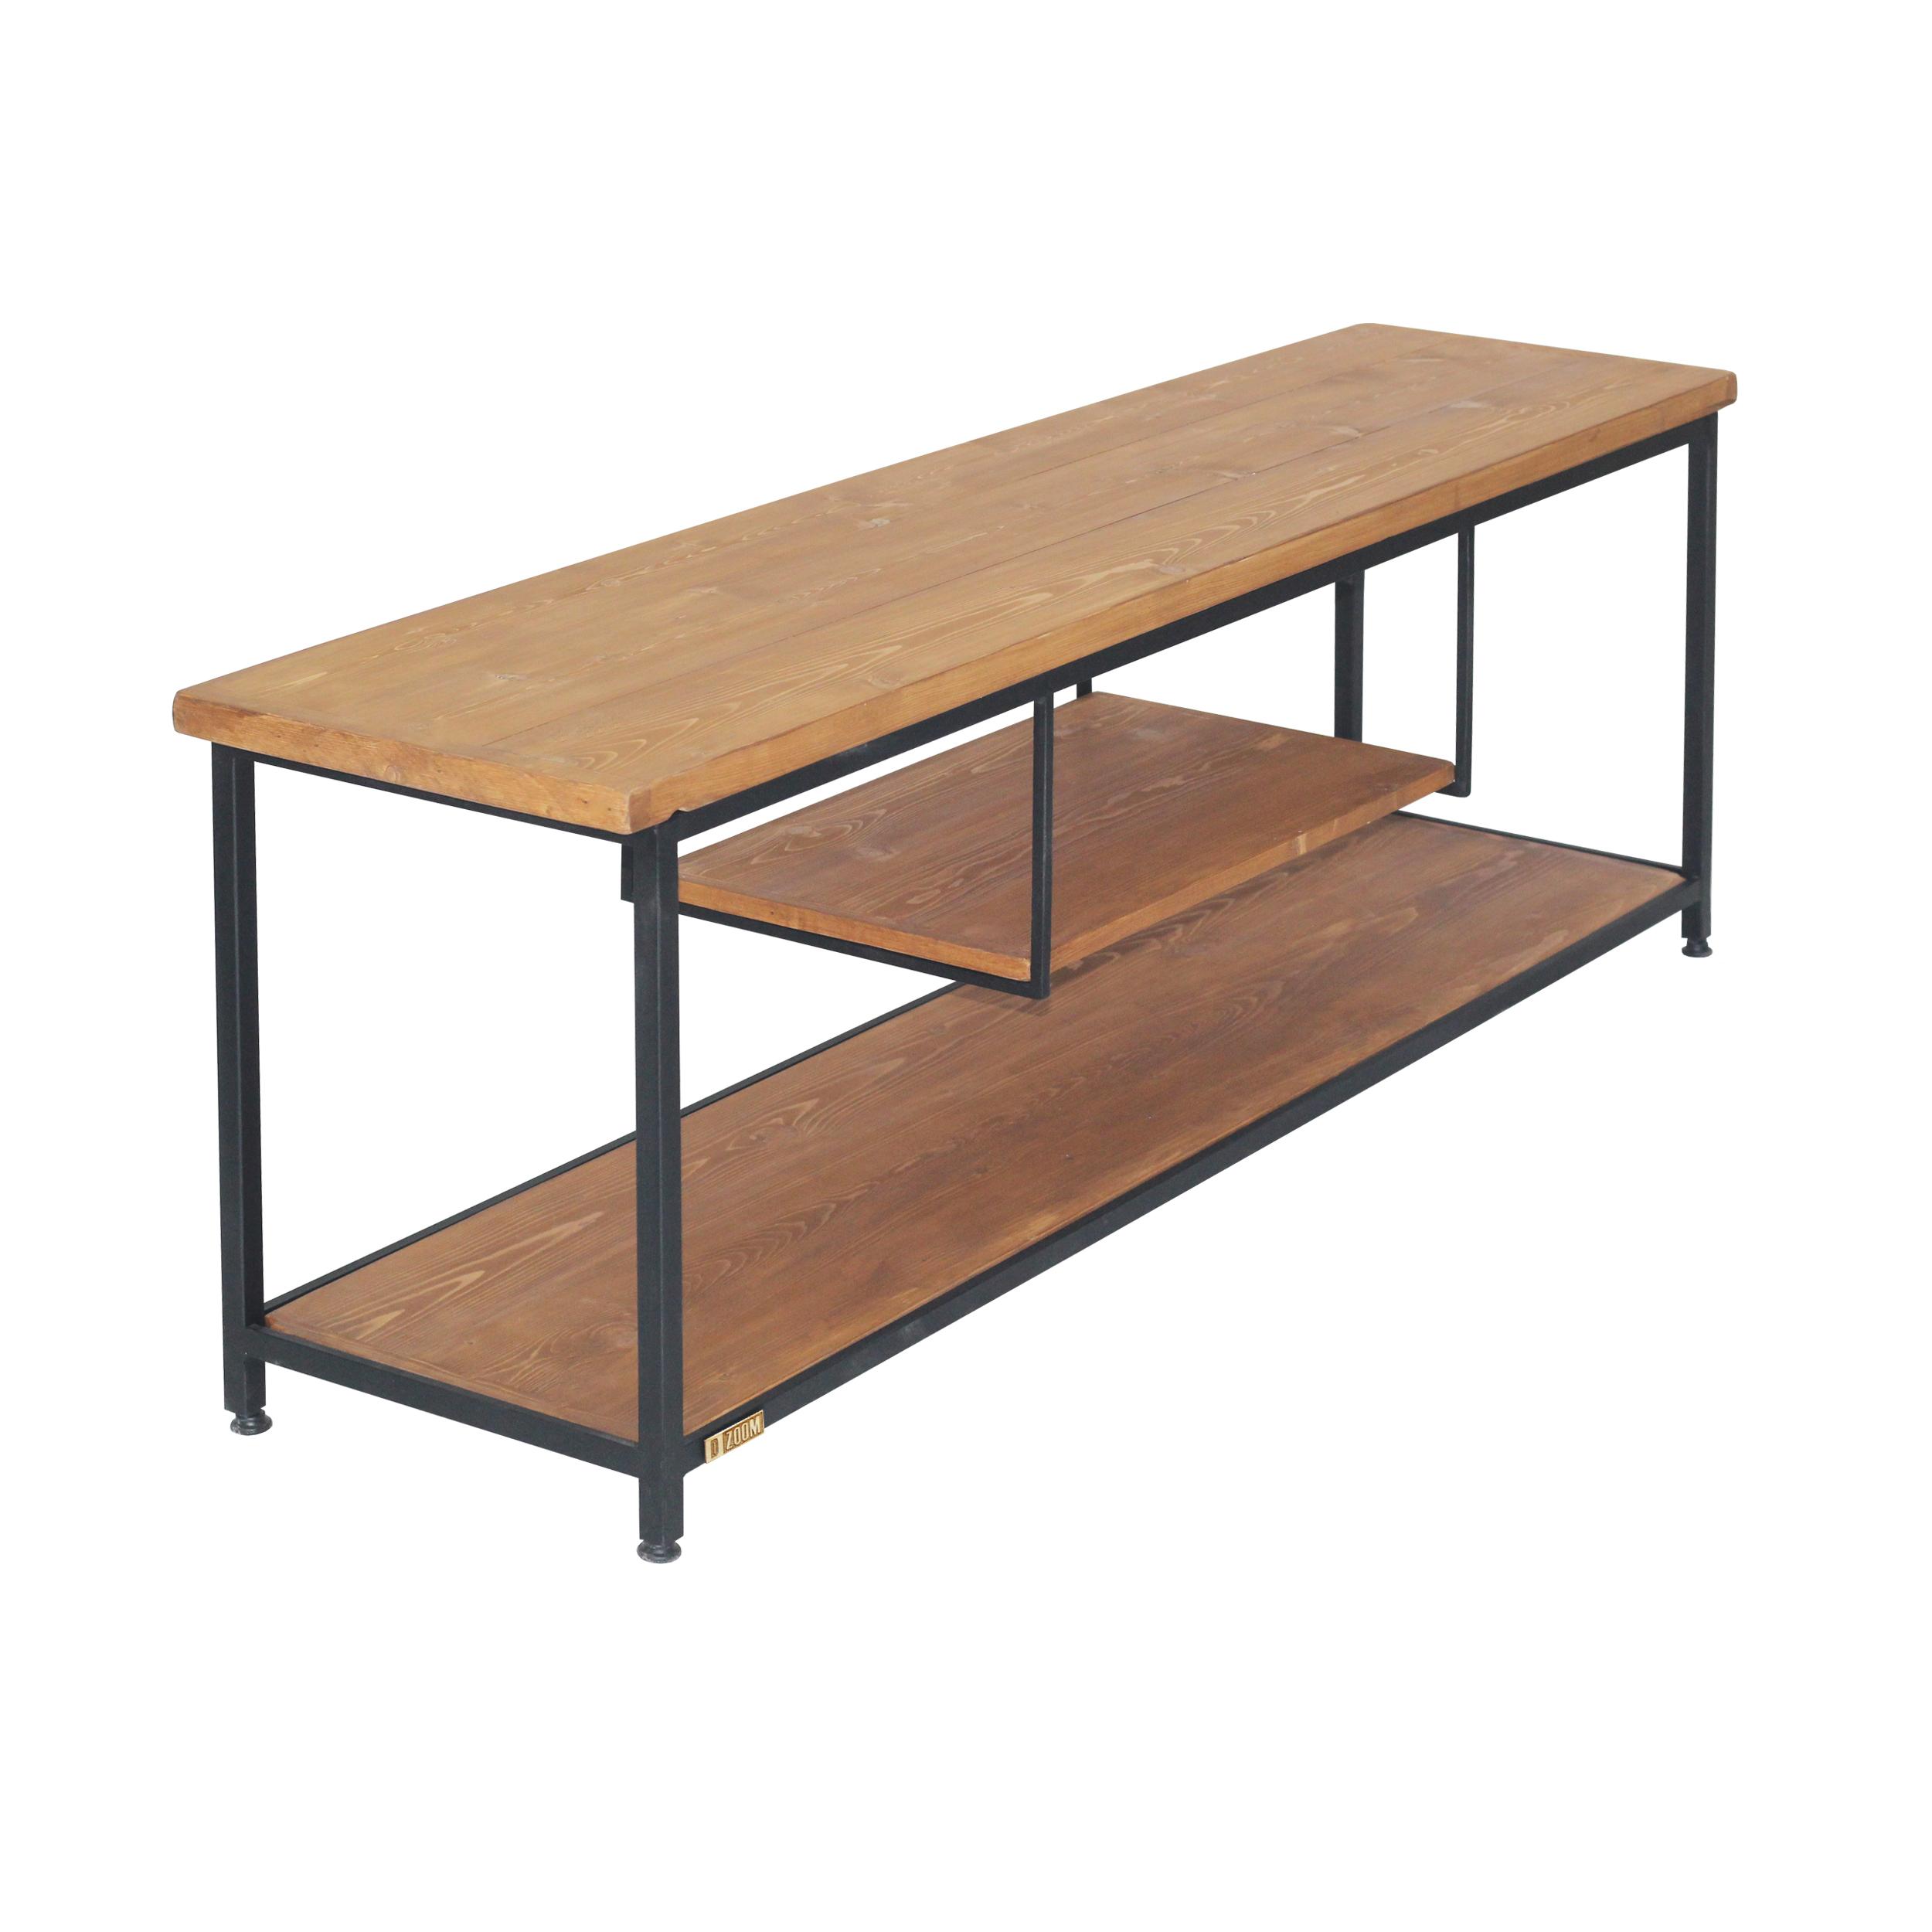 میز تلویزیون دیزوم مدل TVS444 main 1 2